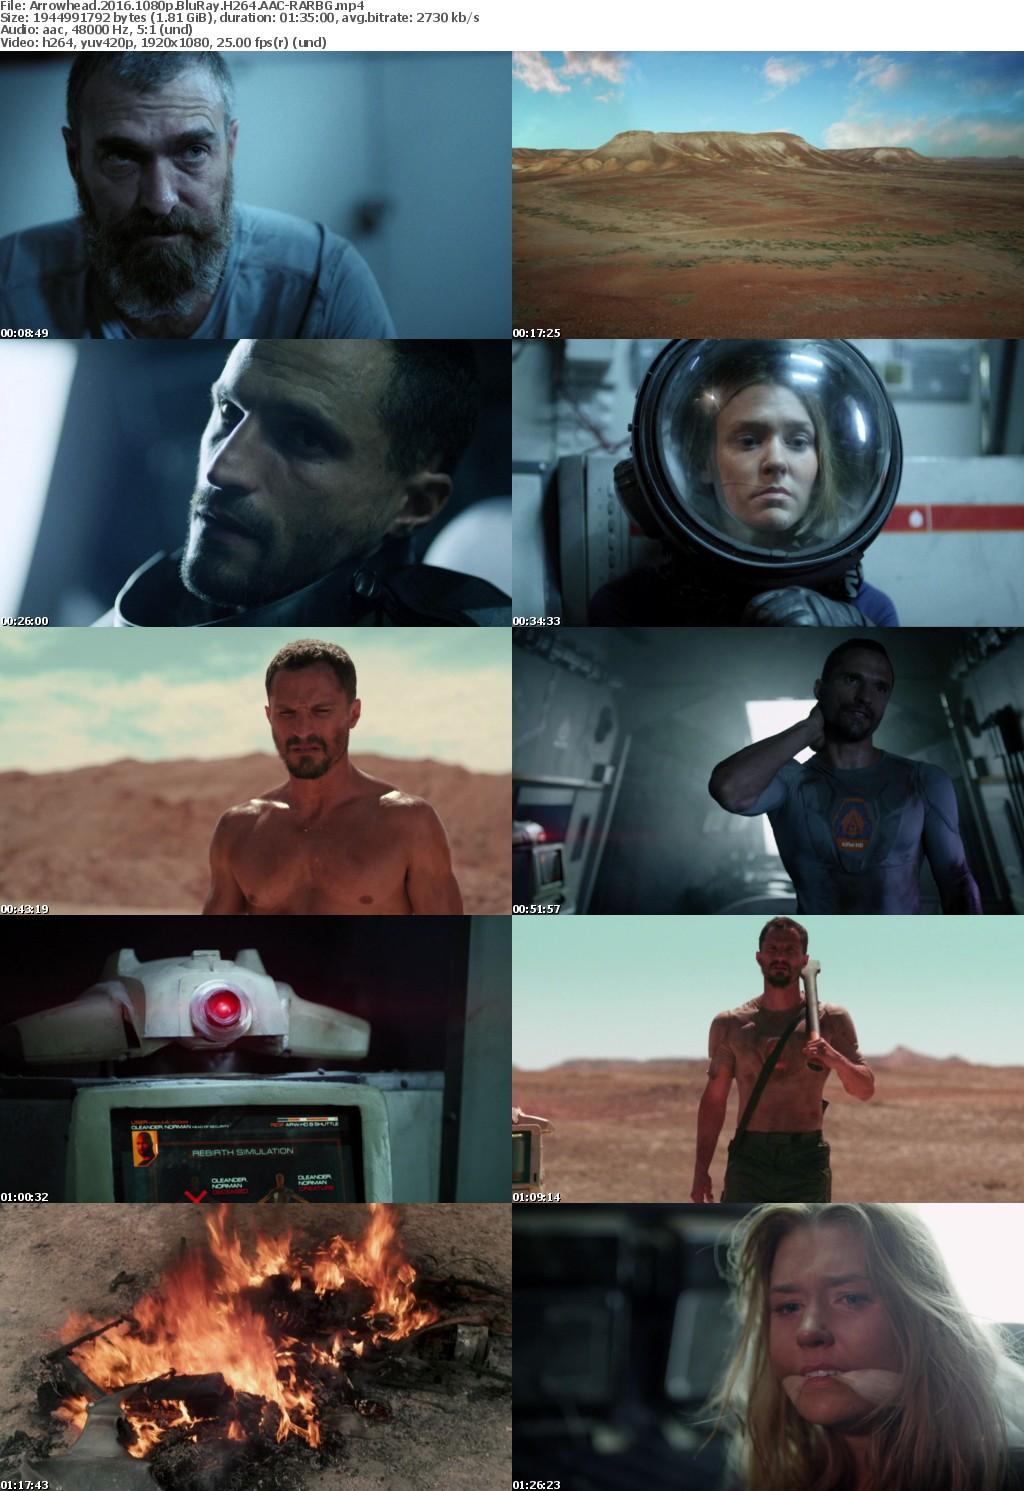 Arrowhead (2016) 1080p BluRay H264 AAC-RARBG